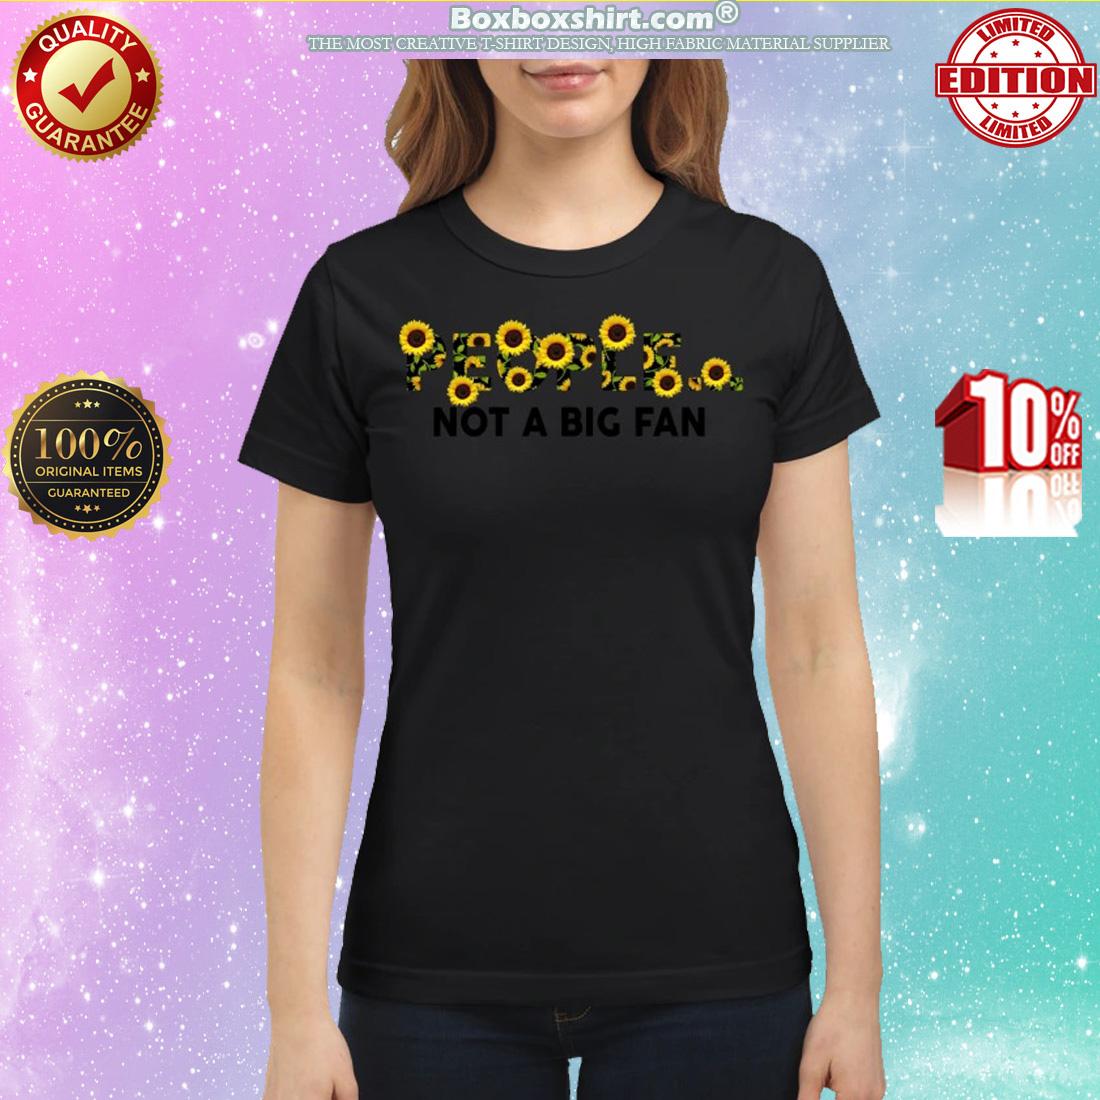 Sunflower people not a big fan shirt